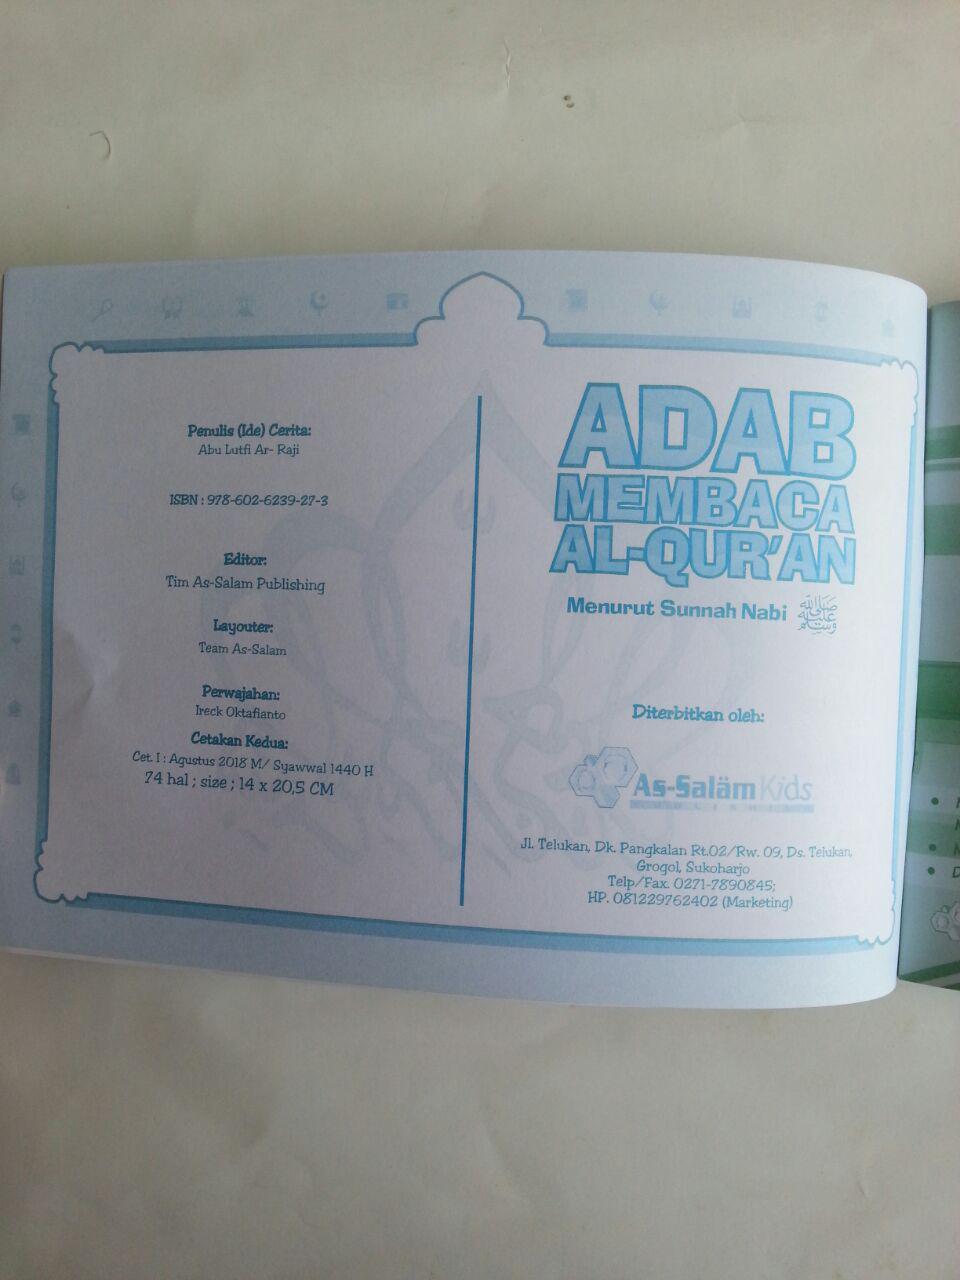 Buku Anak Adab Membaca Al-Qur'an menurut Sunnah Nabi isi 2